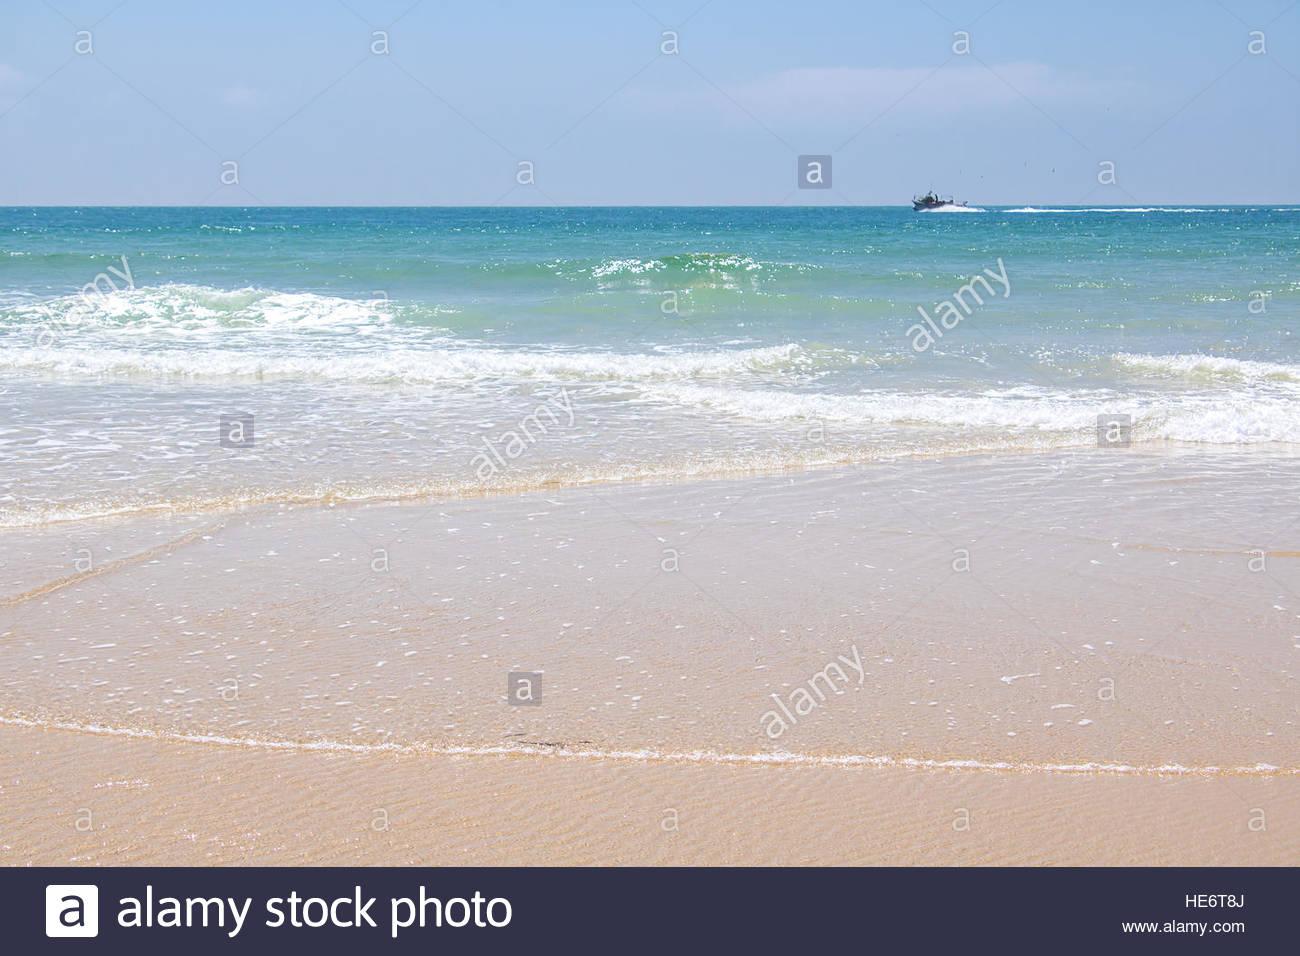 Sommerurlaub Reiseziel Französisch mediterrane Sandstrand schönen Natur Landschaft Oceanscape Reisen Fotografie Stockbild